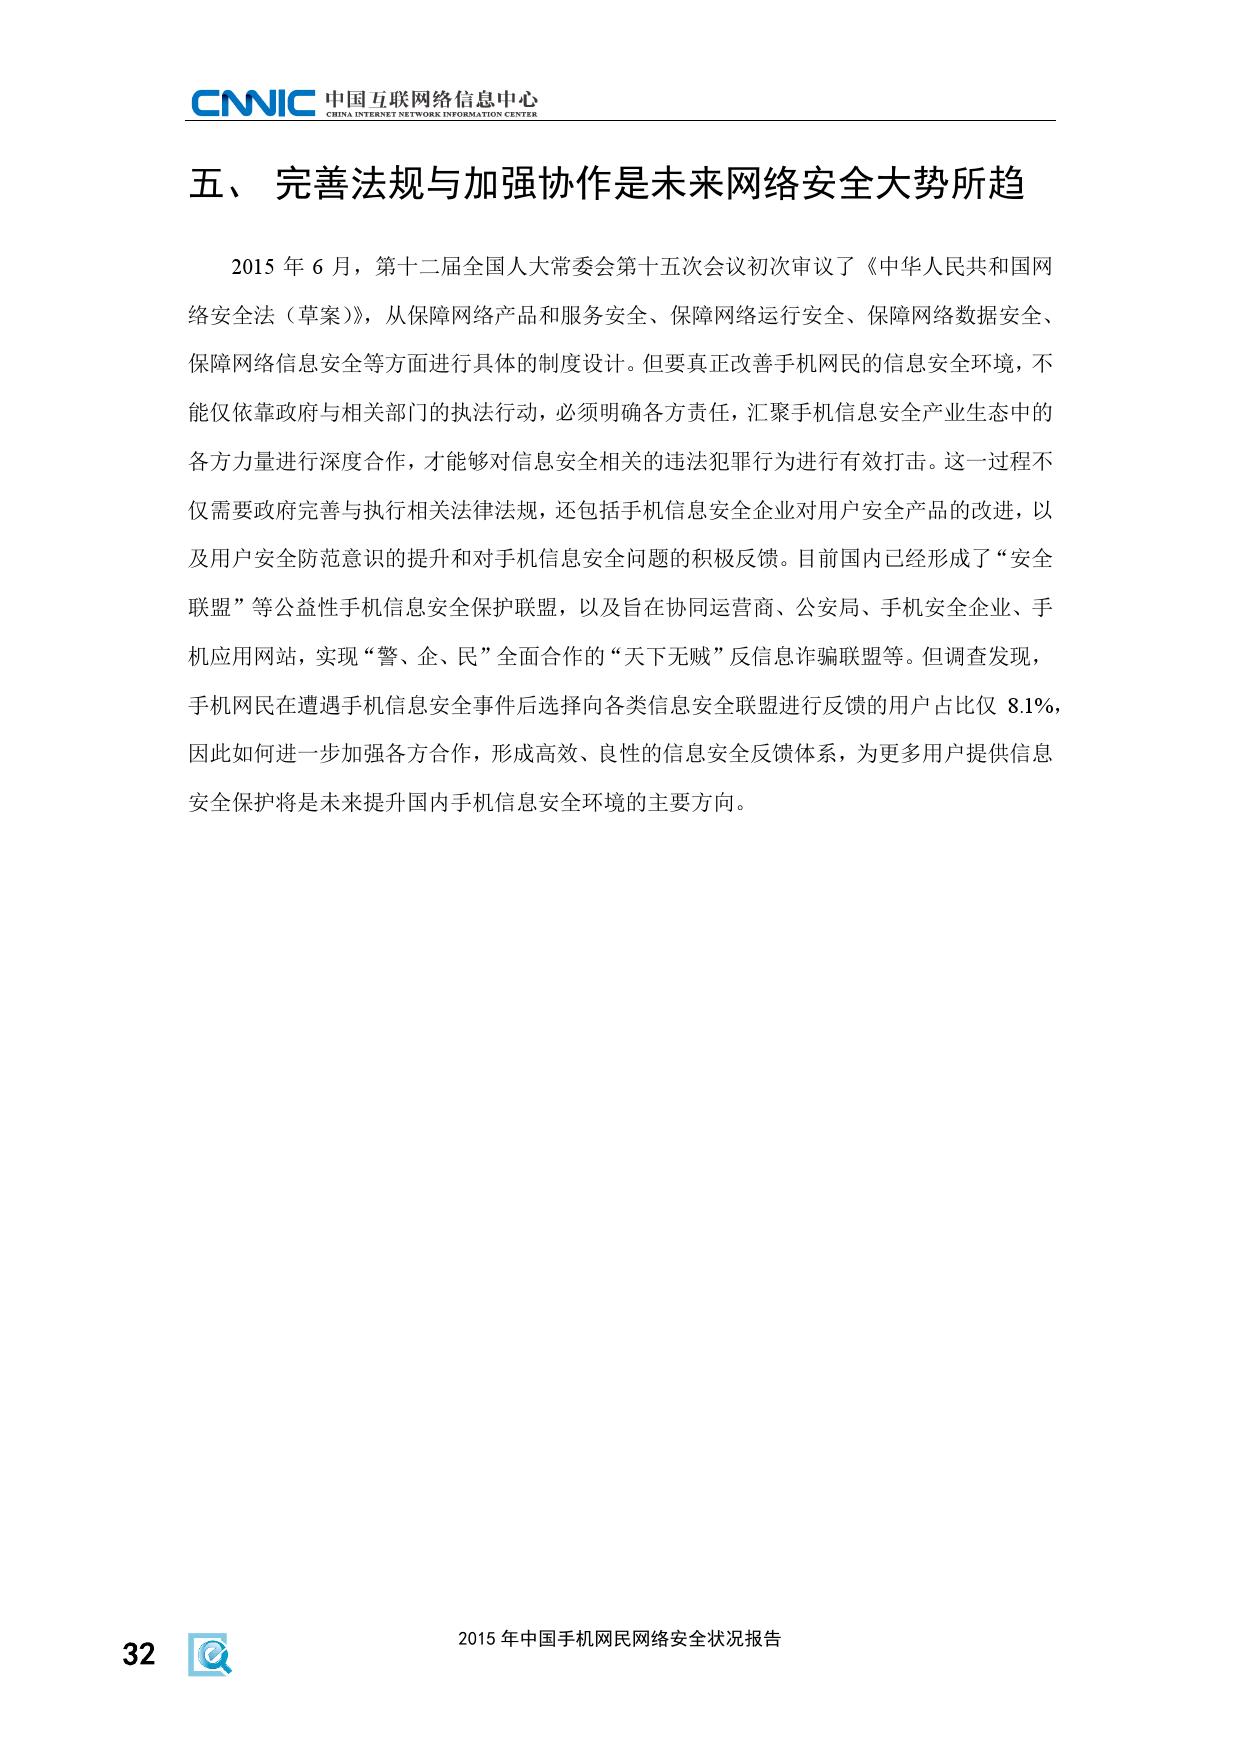 2015年中国手机网民网络安全状况报告_000038